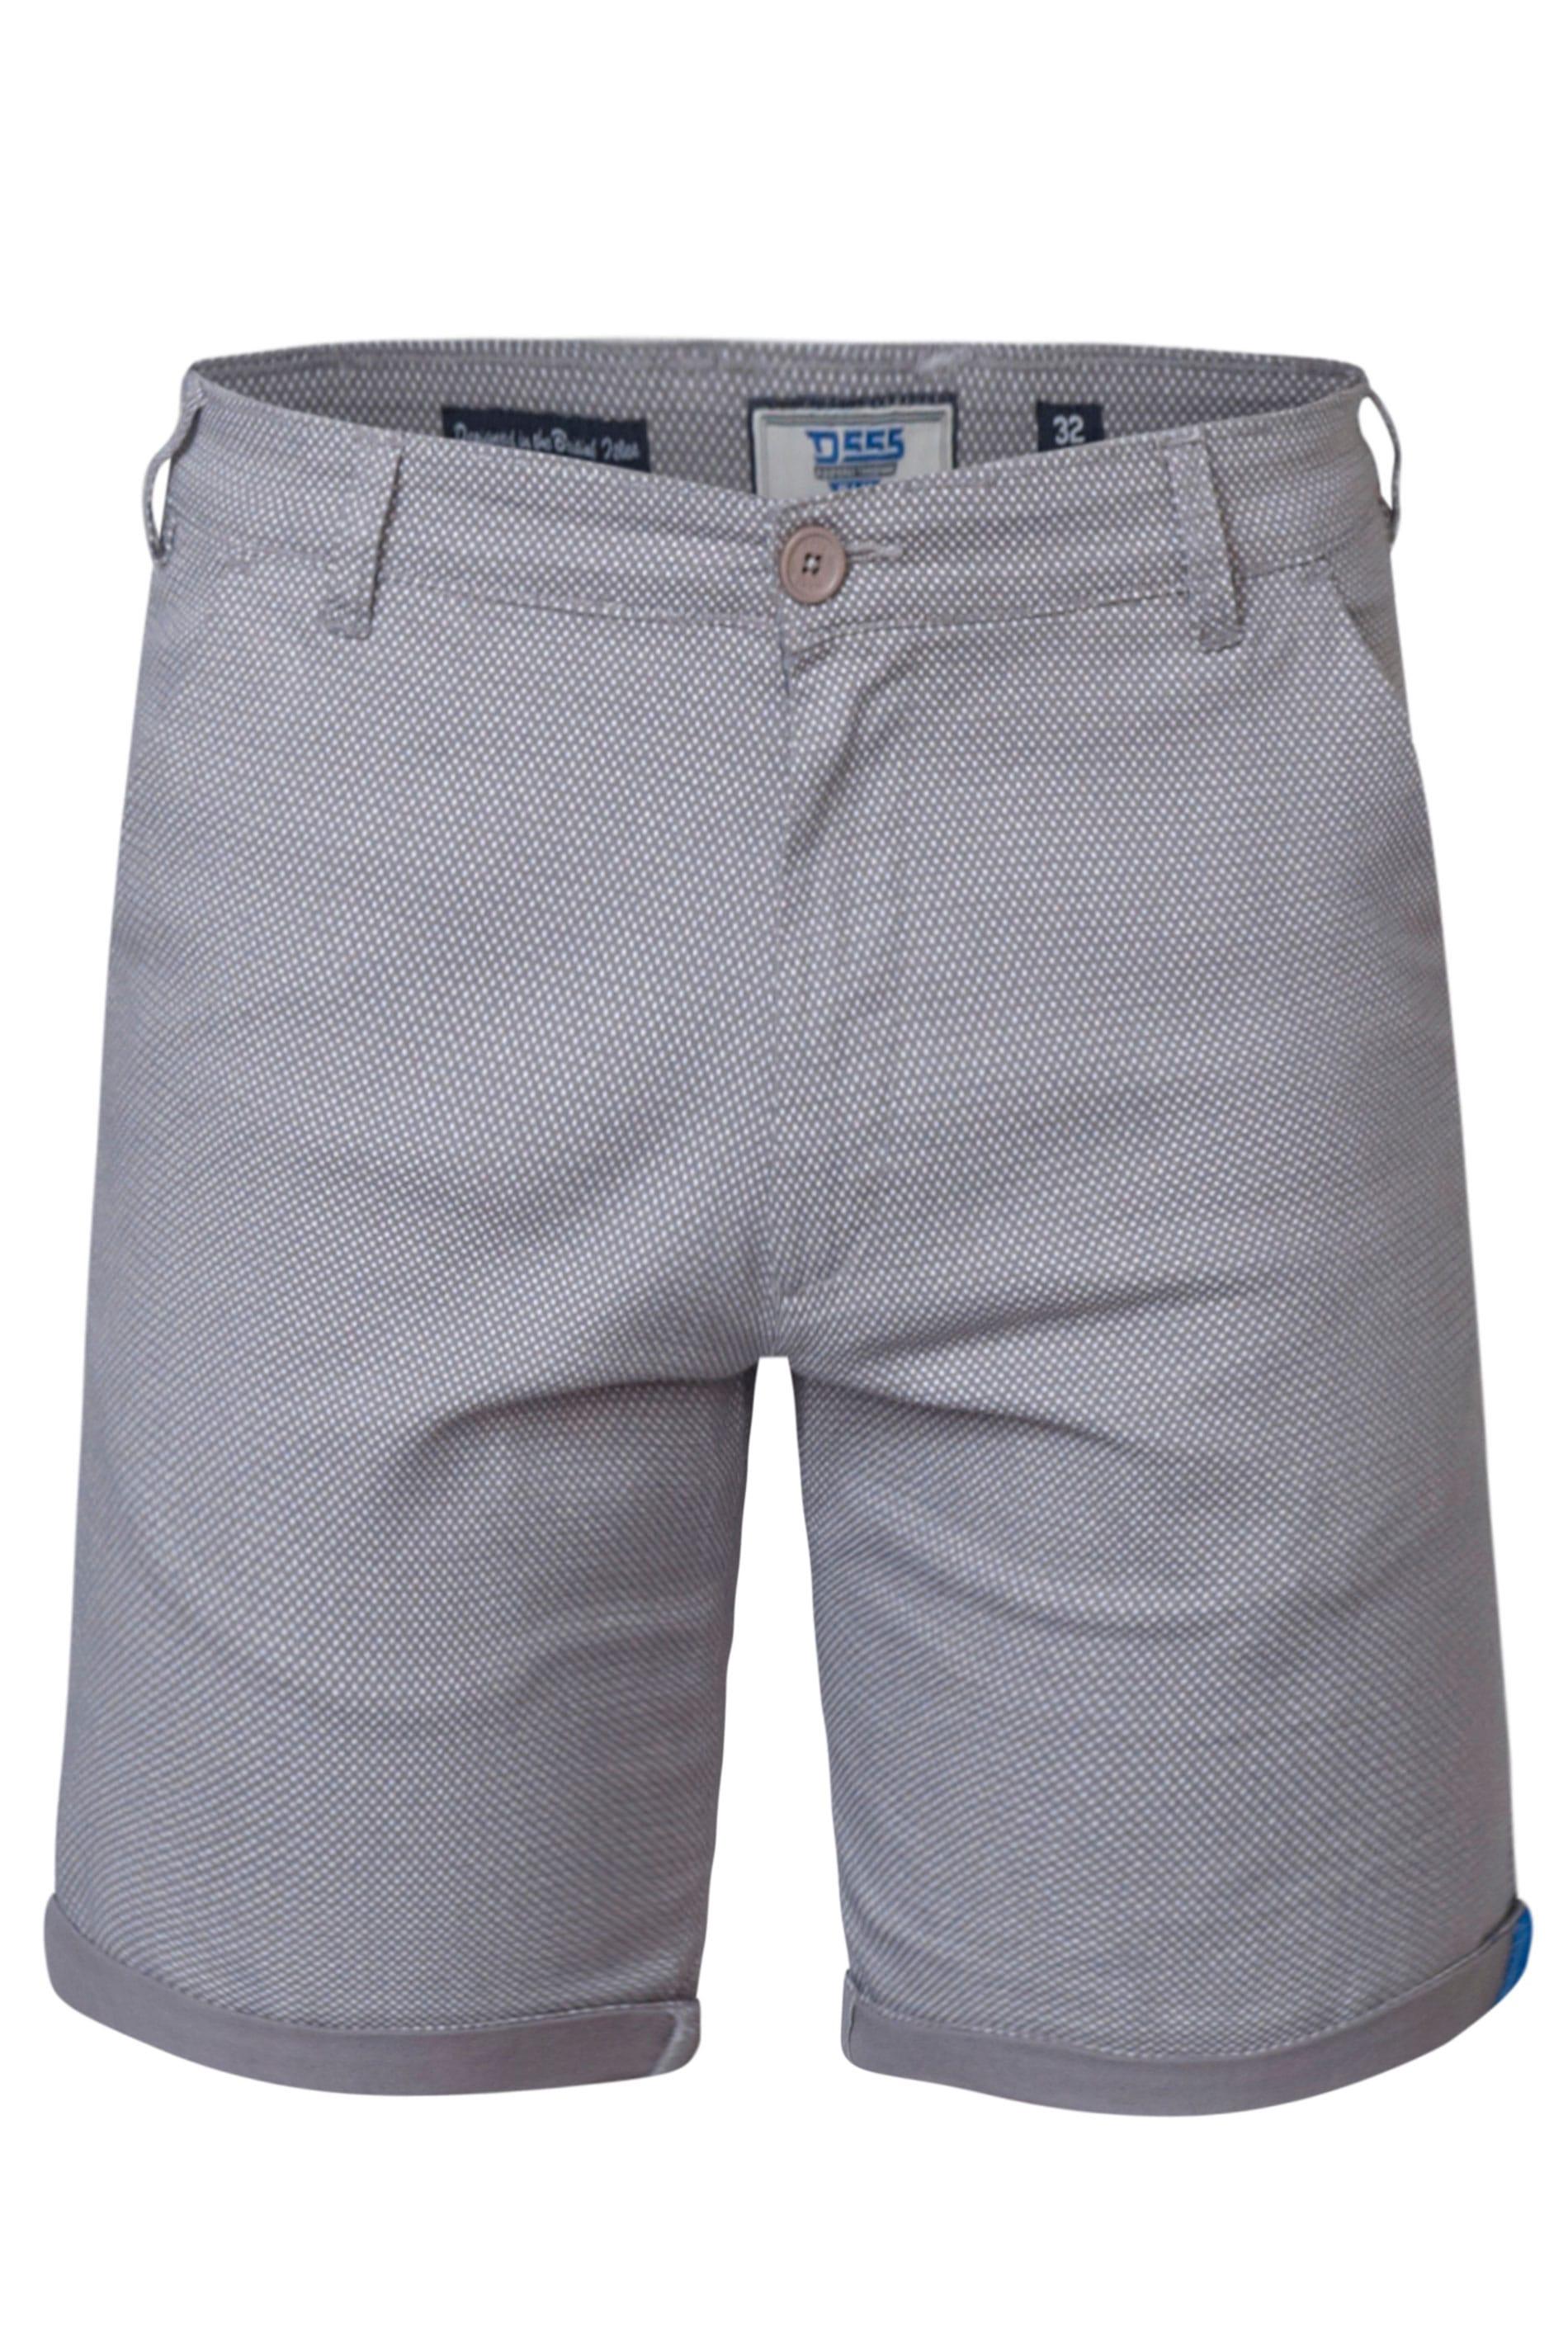 D555 Grey Chino Shorts